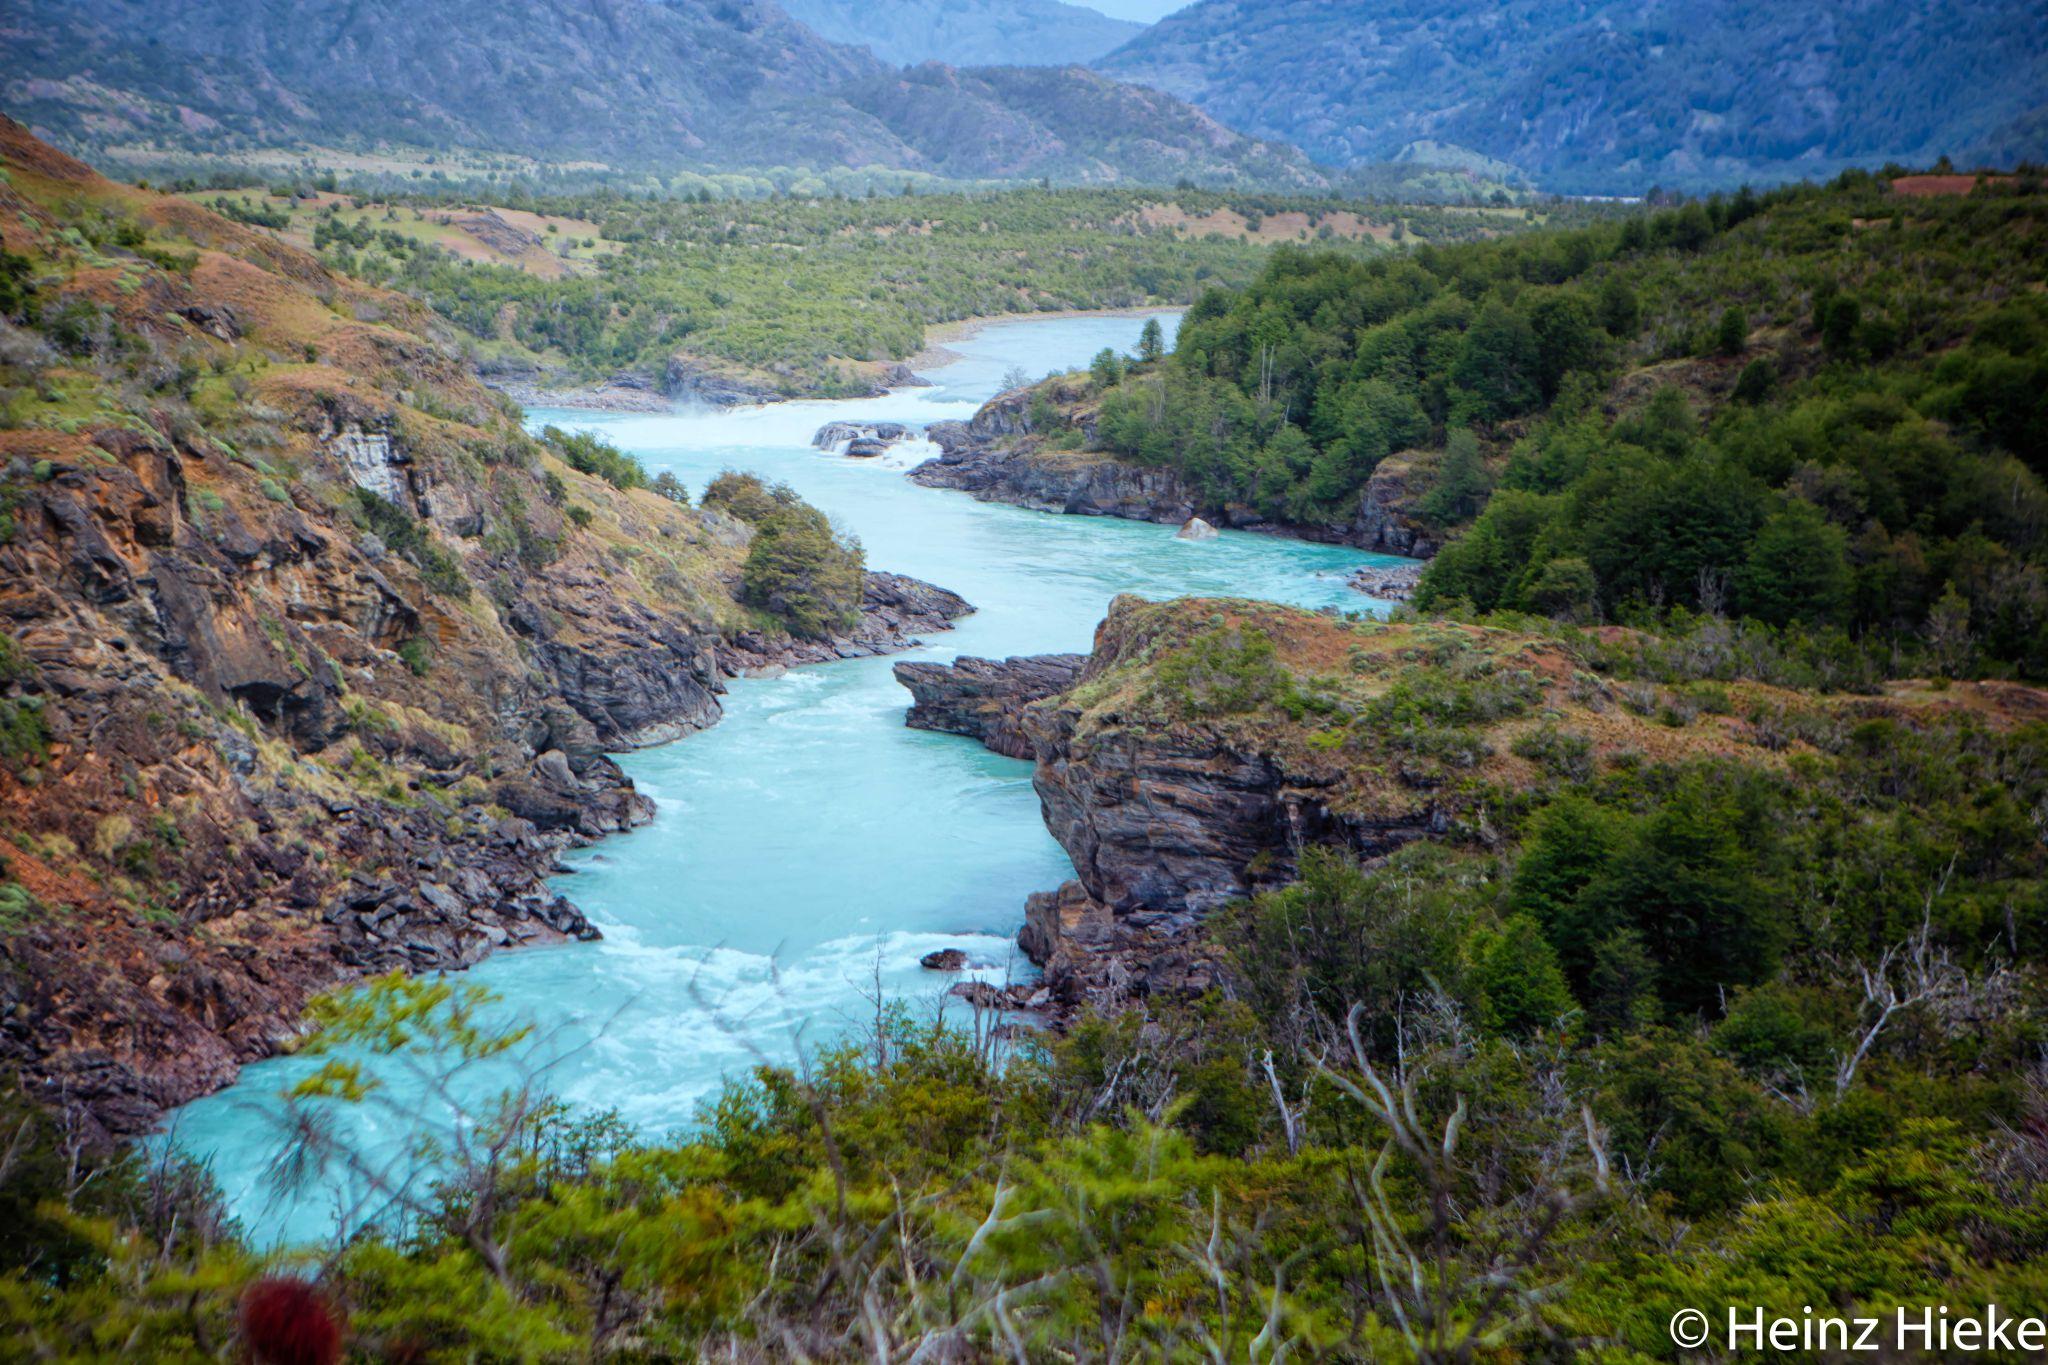 Confluenca, Chile